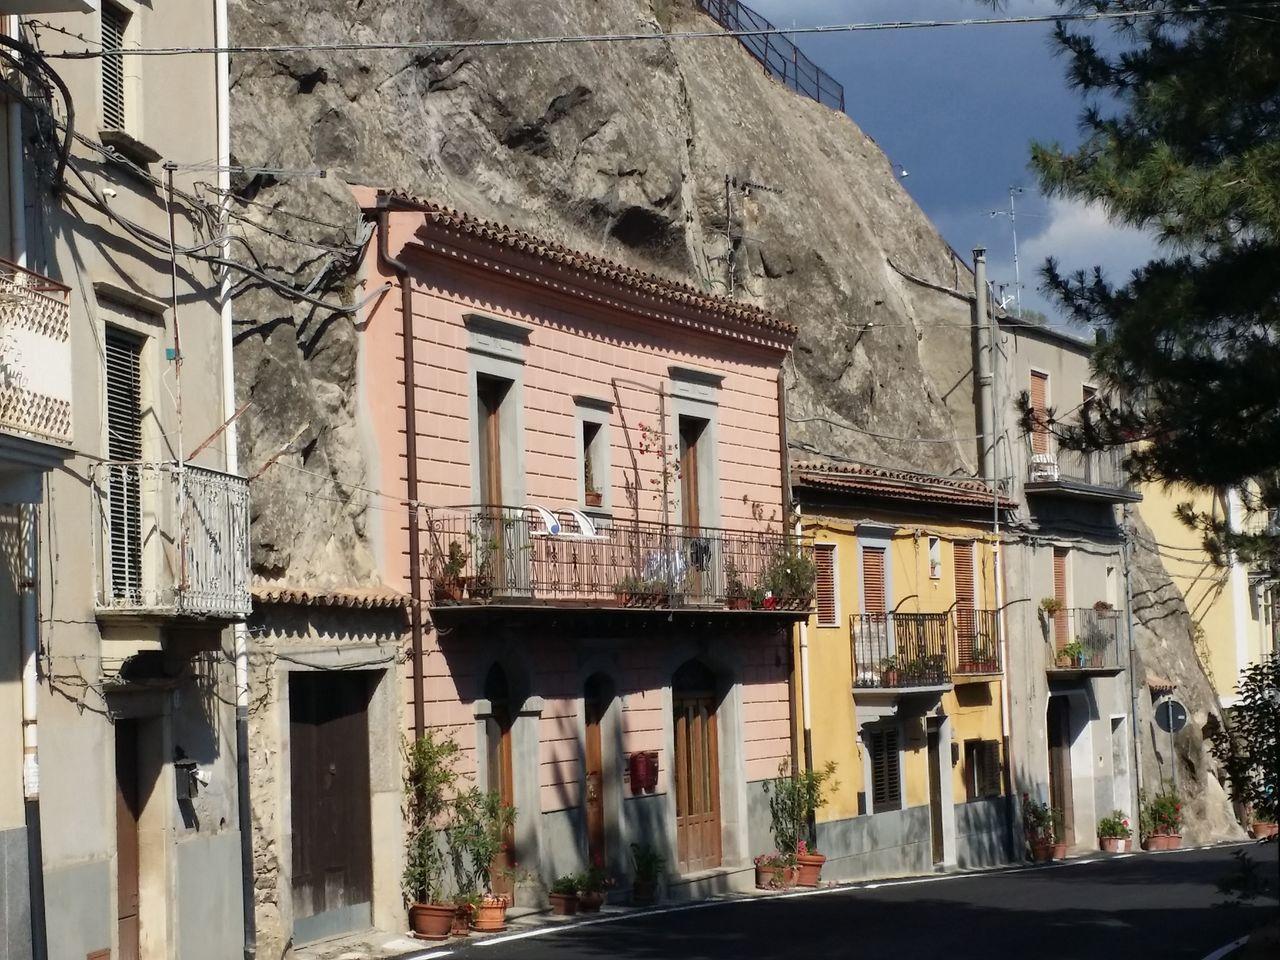 Case nelle grotte